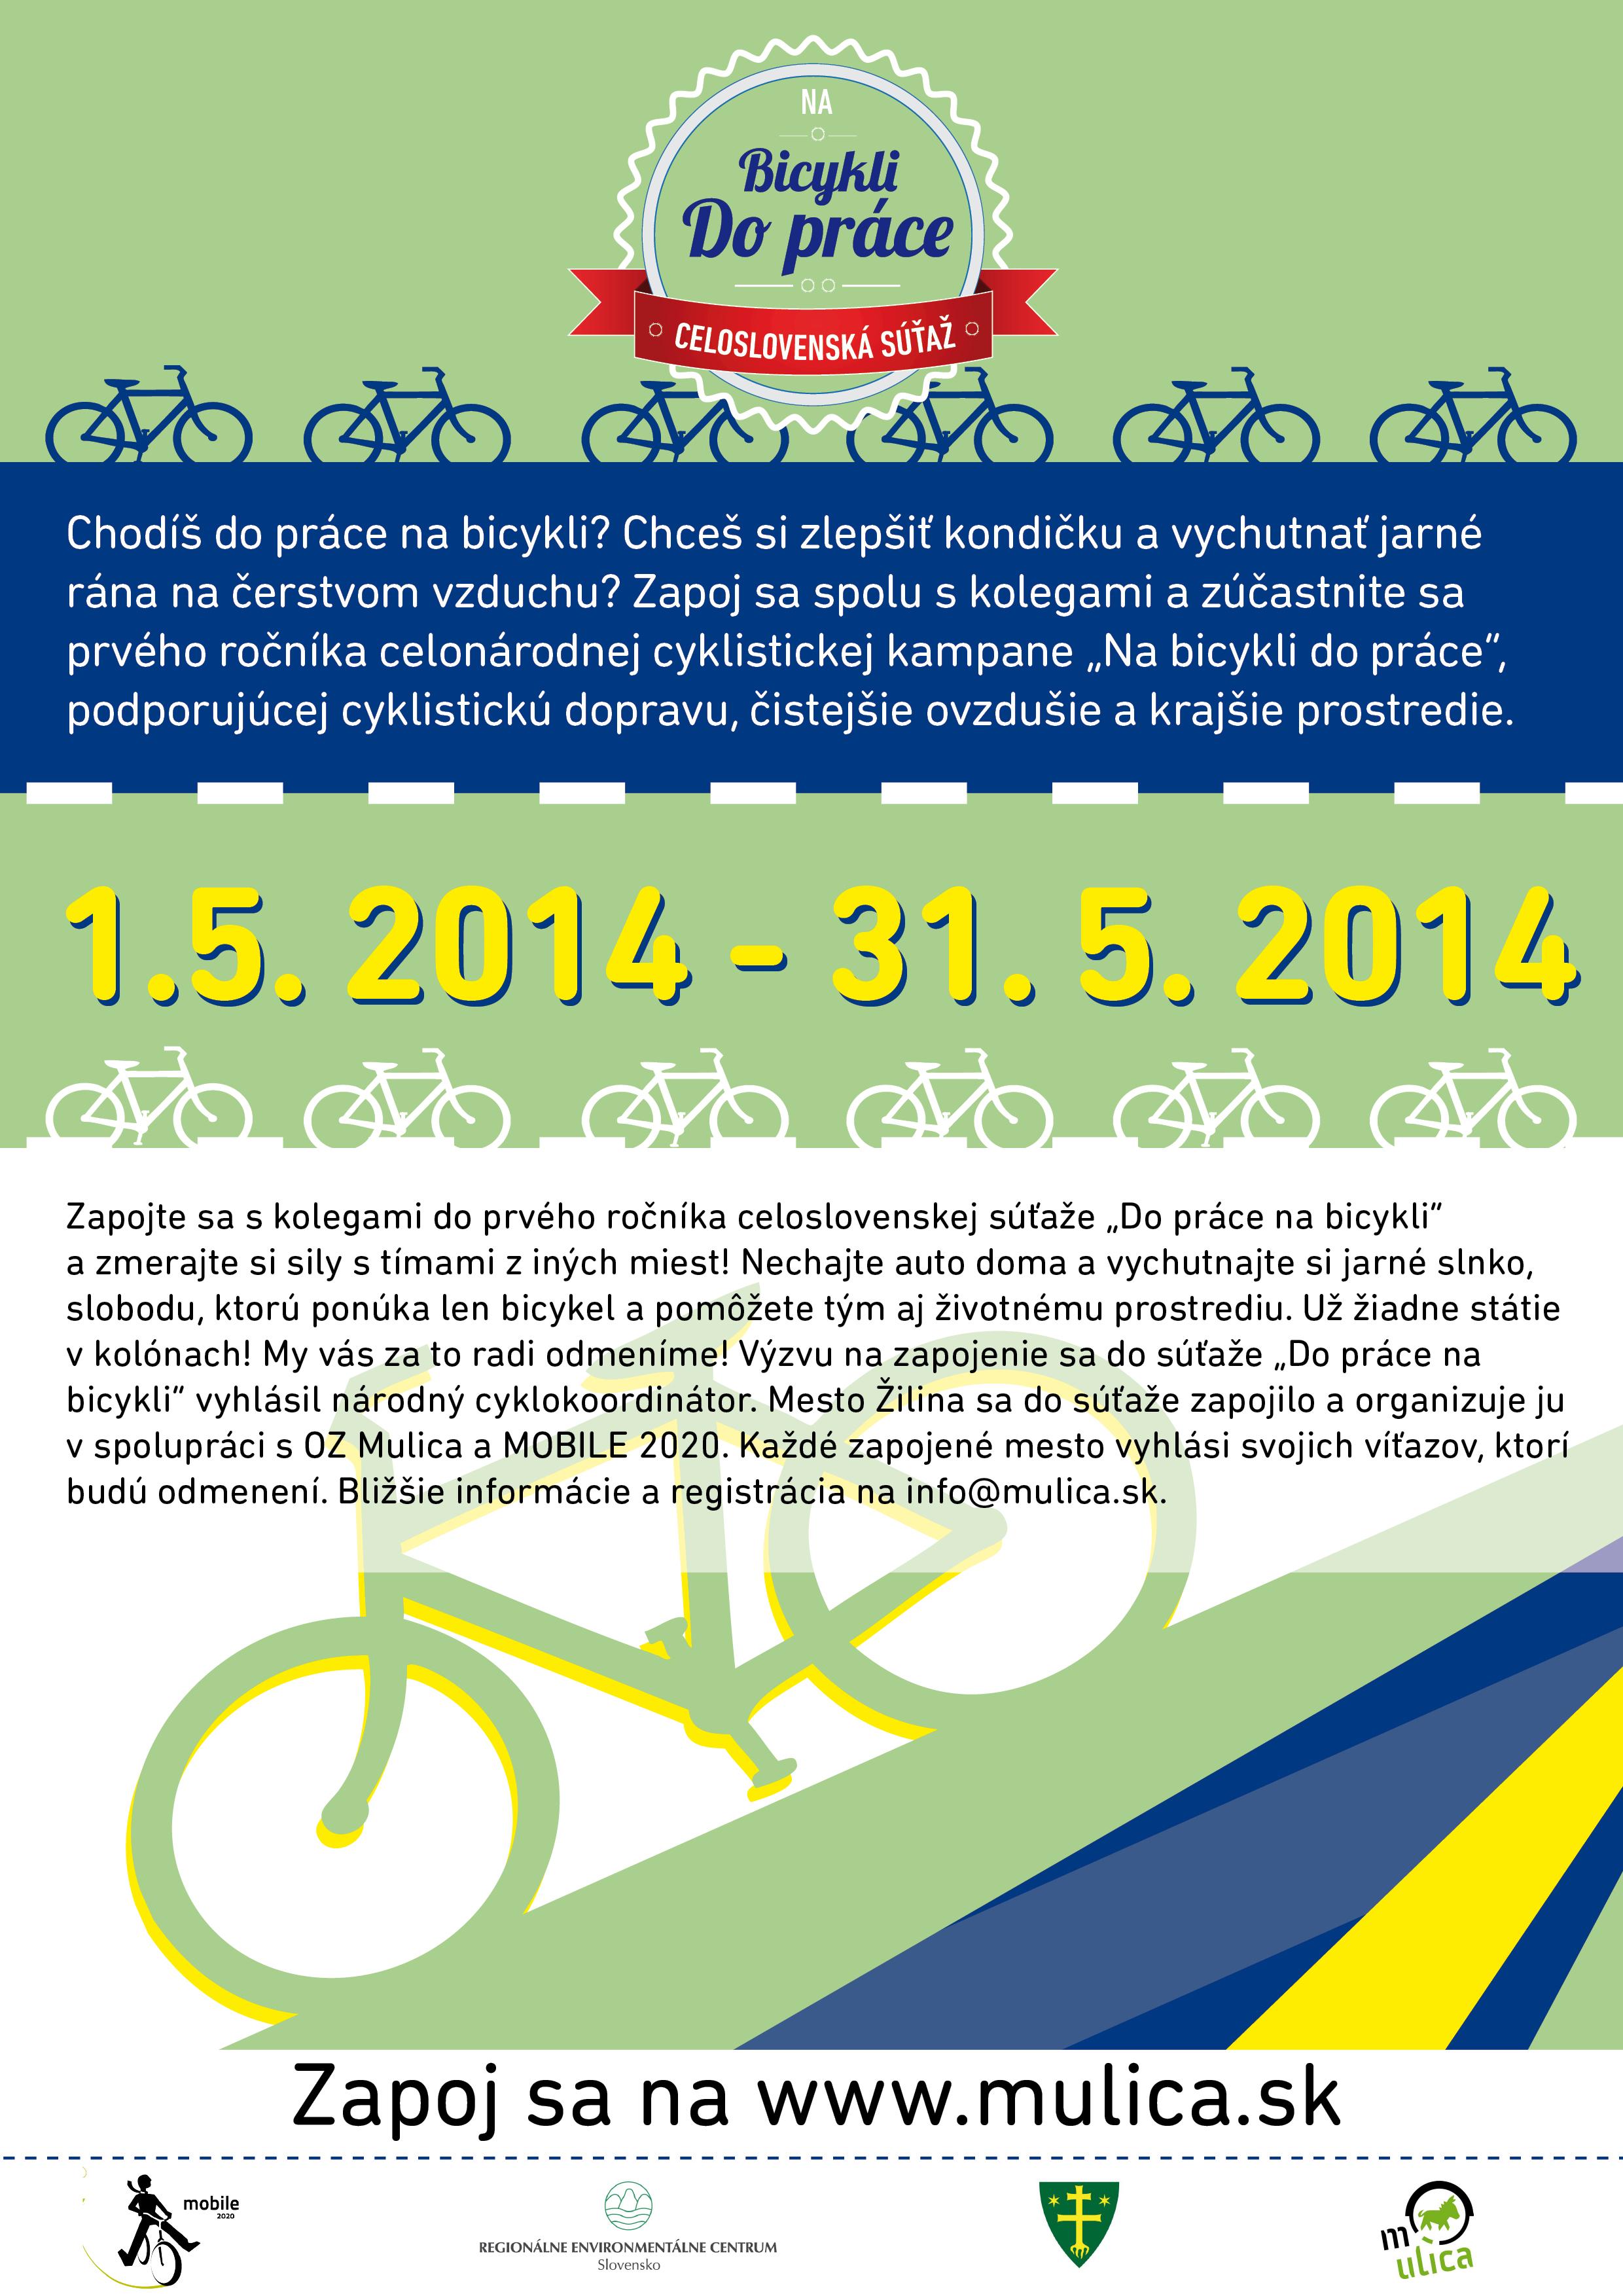 Zapojte sa do mobilitnej súťaže Zelená Žilina alebo Na bicykli do práce 2014.